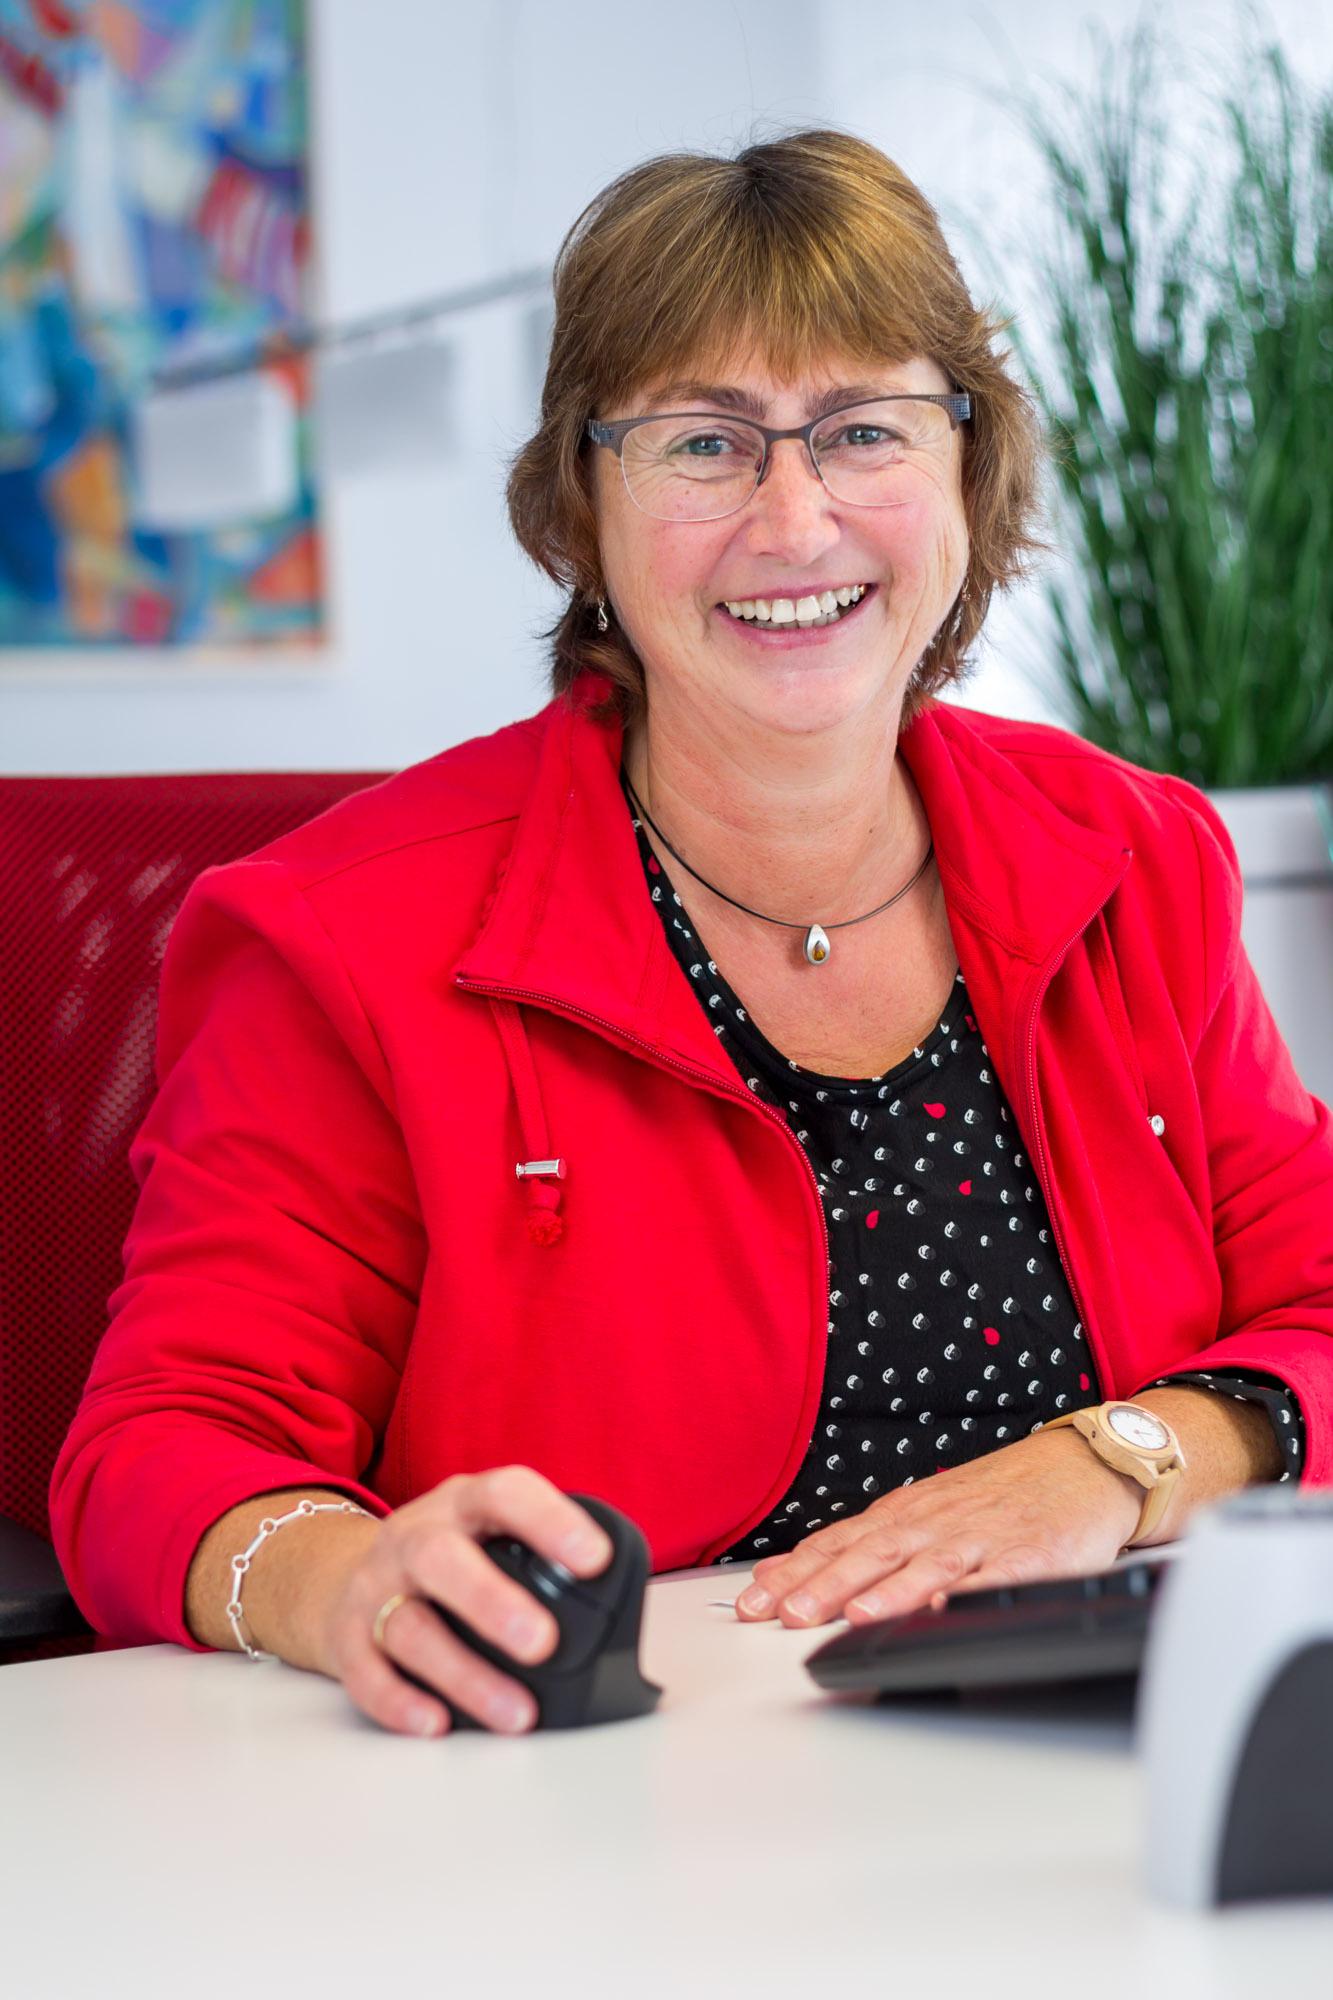 Birgit Große-Allermann